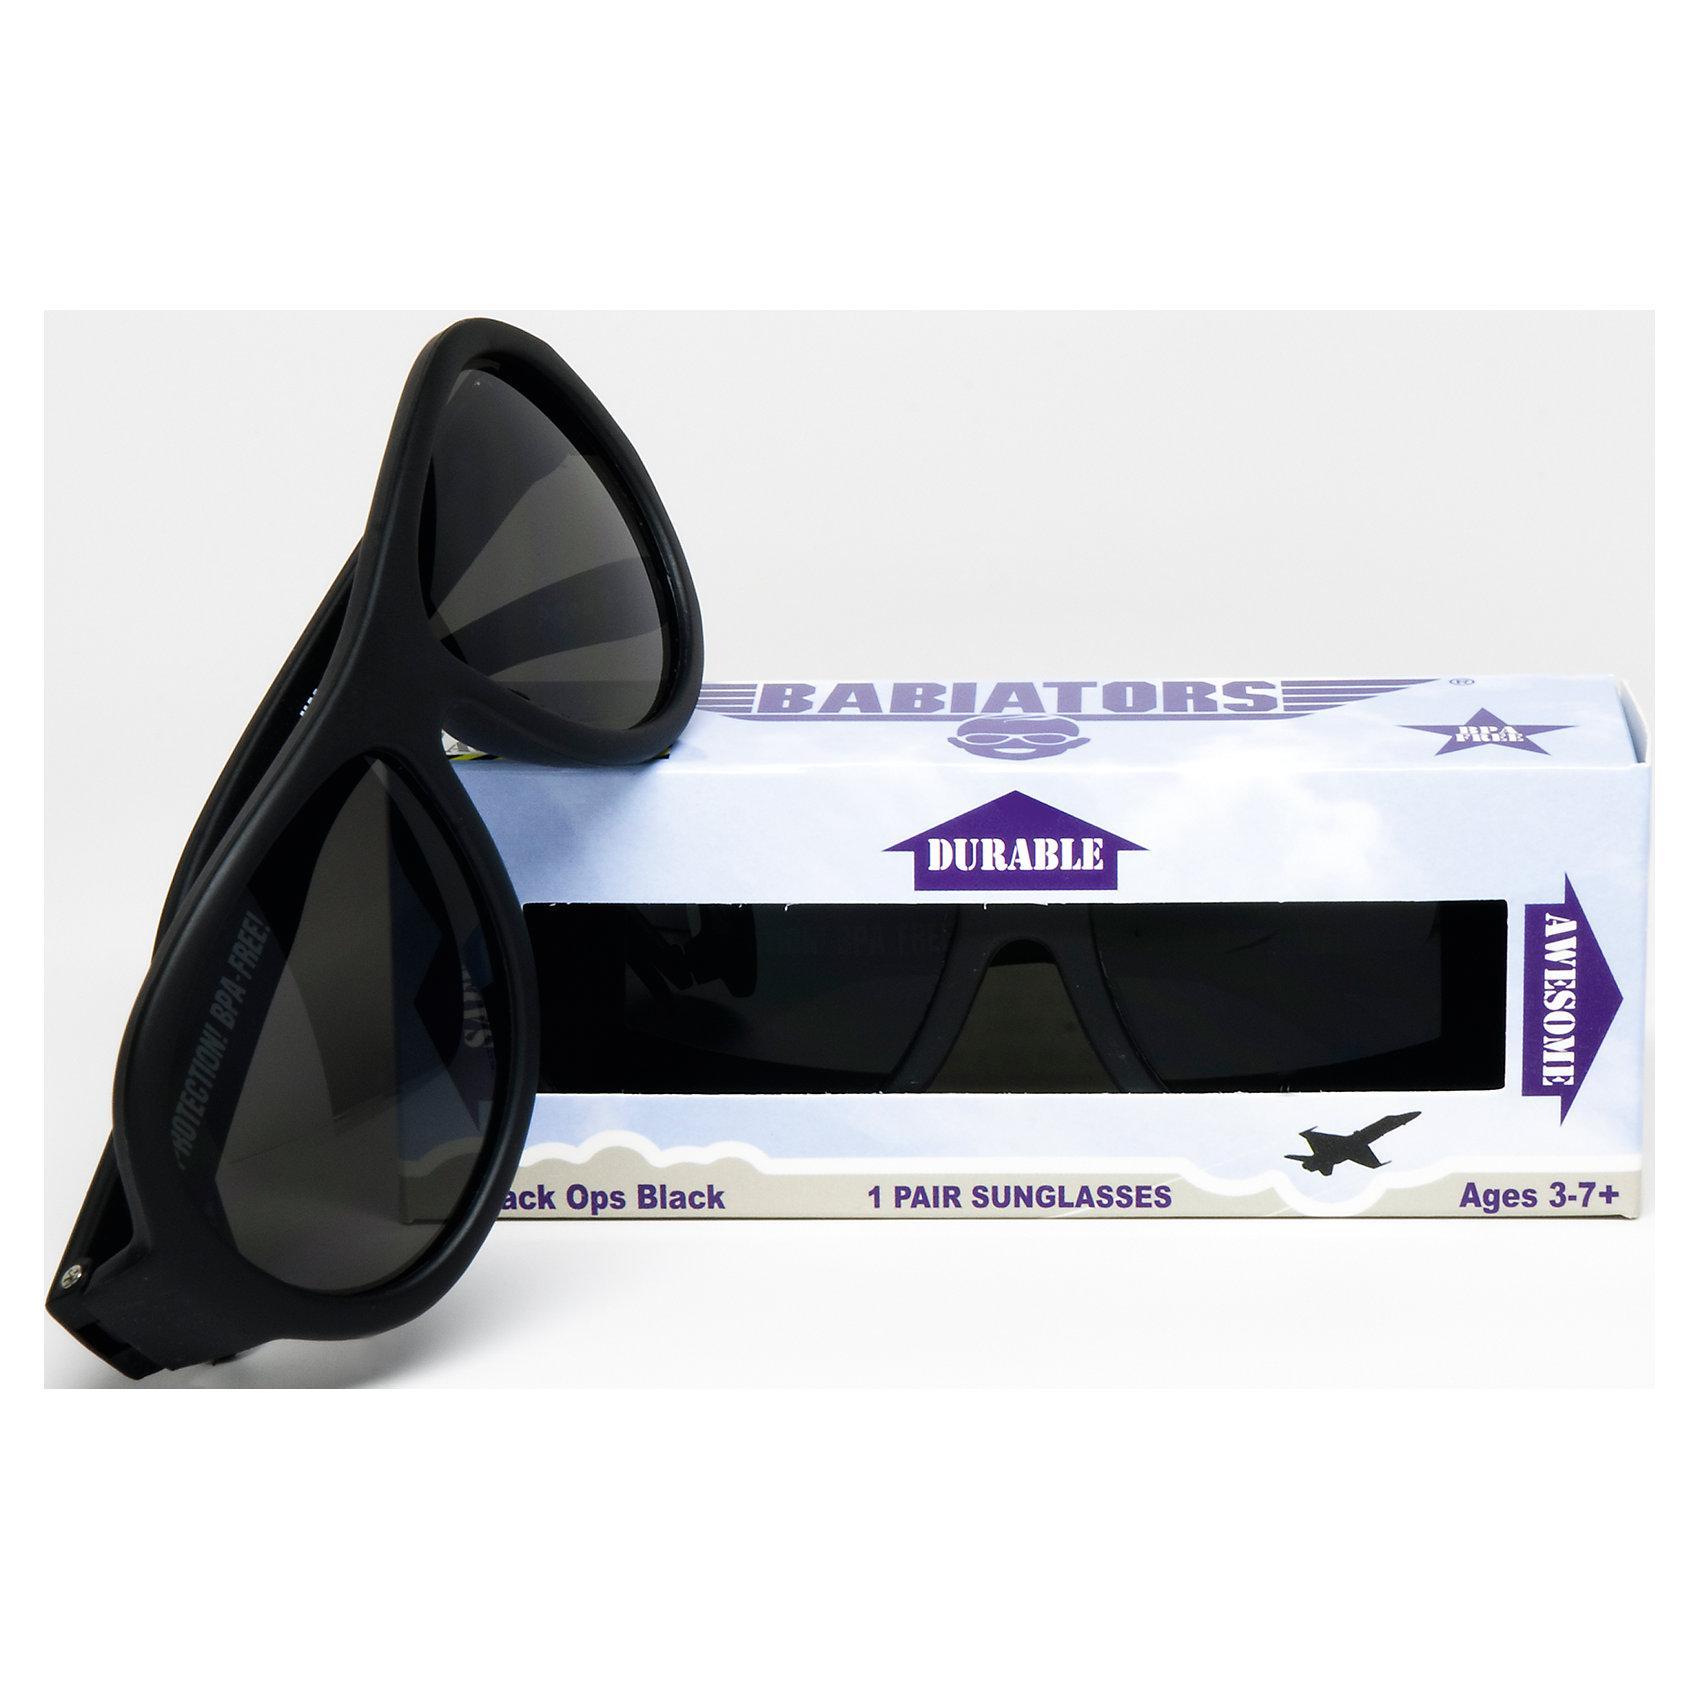 Солнцезащитные очки Babiators OriginalЗащита глаз всегда в моде.<br>Вы делаете все возможное, чтобы ваши дети были здоровы и в безопасности. Шлемы для езды на велосипеде, солнцезащитный крем для прогулок на солнце. Но как насчёт влияния солнца на глазах вашего ребёнка? Правда в том, что сетчатка глаза у детей развивается вместе с самим ребёнком. Это означает, что глаза малышей не могут отфильтровать УФ-излучение. Добавьте к этому тот факт, что дети за год получают трёхкратную дозу солнечного воздействия на взрослого человека (доклад Vision Council Report 2013, США). Проблема понятна - детям нужна настоящая защита, чтобы глазка были в безопасности, а зрение сильным.<br>Каждая пара солнцезащитных очков Babiators для детей обеспечивает 100% защиту от UVA и UVB. Прочные линзы высшего качества не подведут в самых сложных переделках. Будьте уверены, что очки Babiators созданы безопасными, прочными и классными, так что вы и ваш маленький лётчик можете приступать к своим приключениям!<br><br>• Прочная, гибкая прорезиненная оправа;<br>• 100 % защита от UVA и UVB солнечных лучей;<br>• Ударопрочные линзы;<br>• Стильные: выбор многих голливудских звёзд.<br><br>Ширина мм: 170<br>Глубина мм: 157<br>Высота мм: 67<br>Вес г: 117<br>Возраст от месяцев: 36<br>Возраст до месяцев: 84<br>Пол: Унисекс<br>Возраст: Детский<br>SKU: 4766970